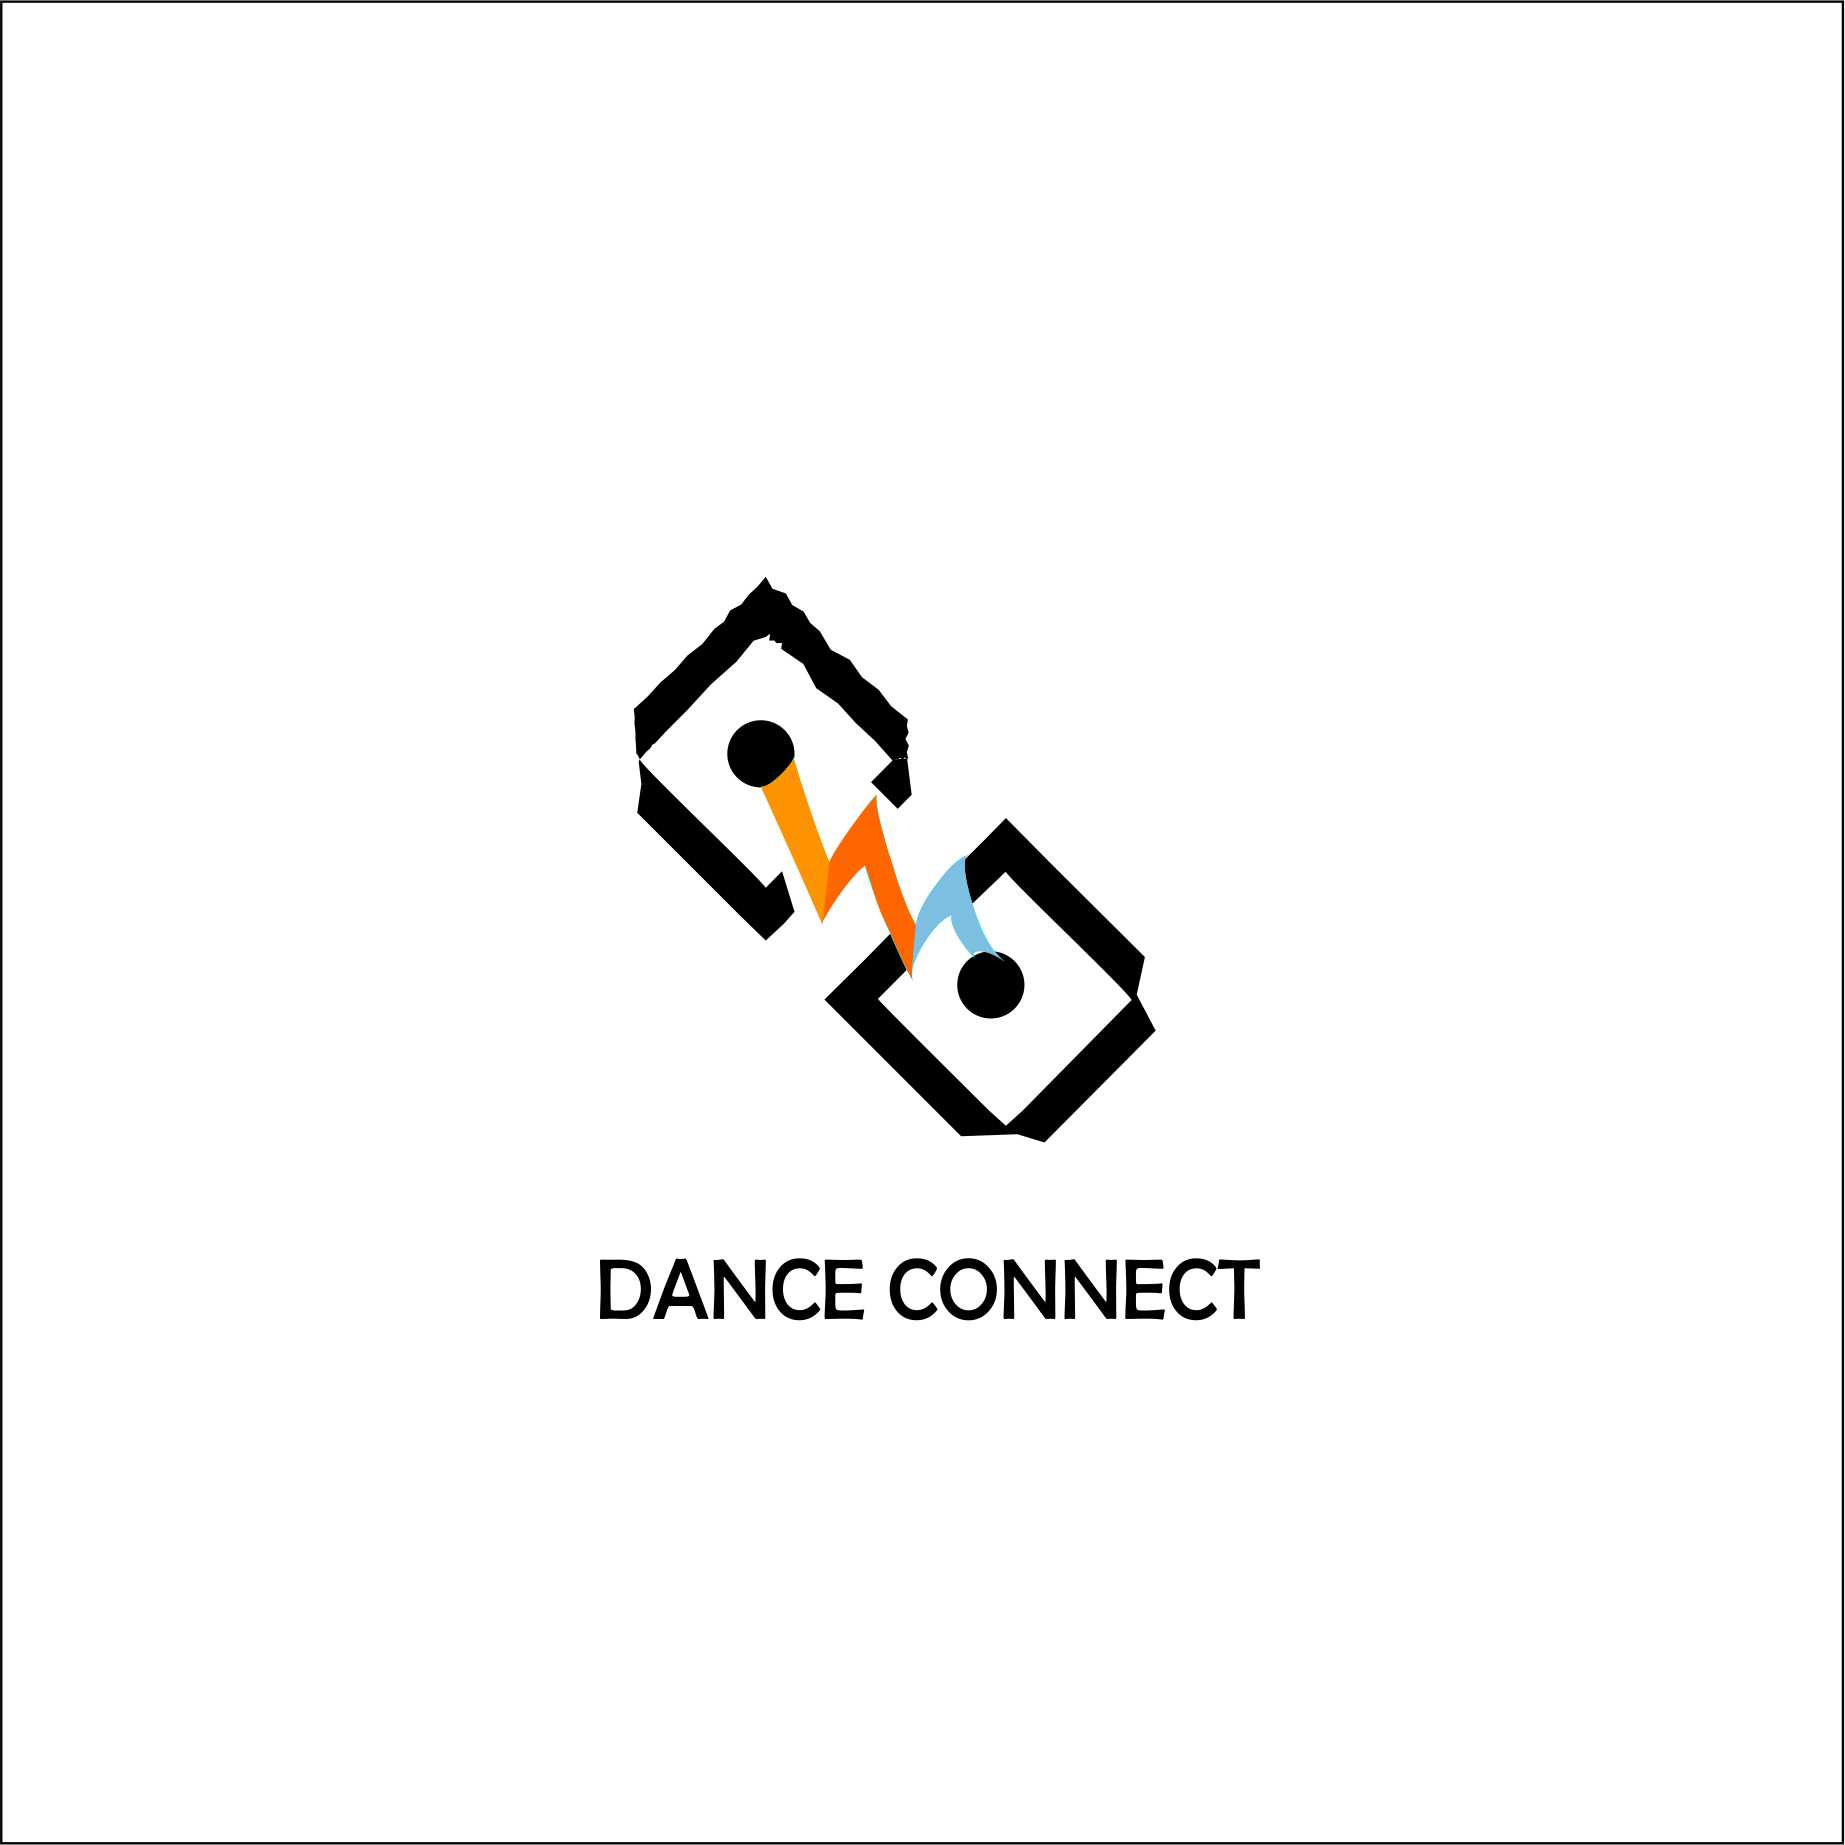 Разработка лого для спортивного портала www.danceconnect.ru фото f_0015b41db2878466.jpg